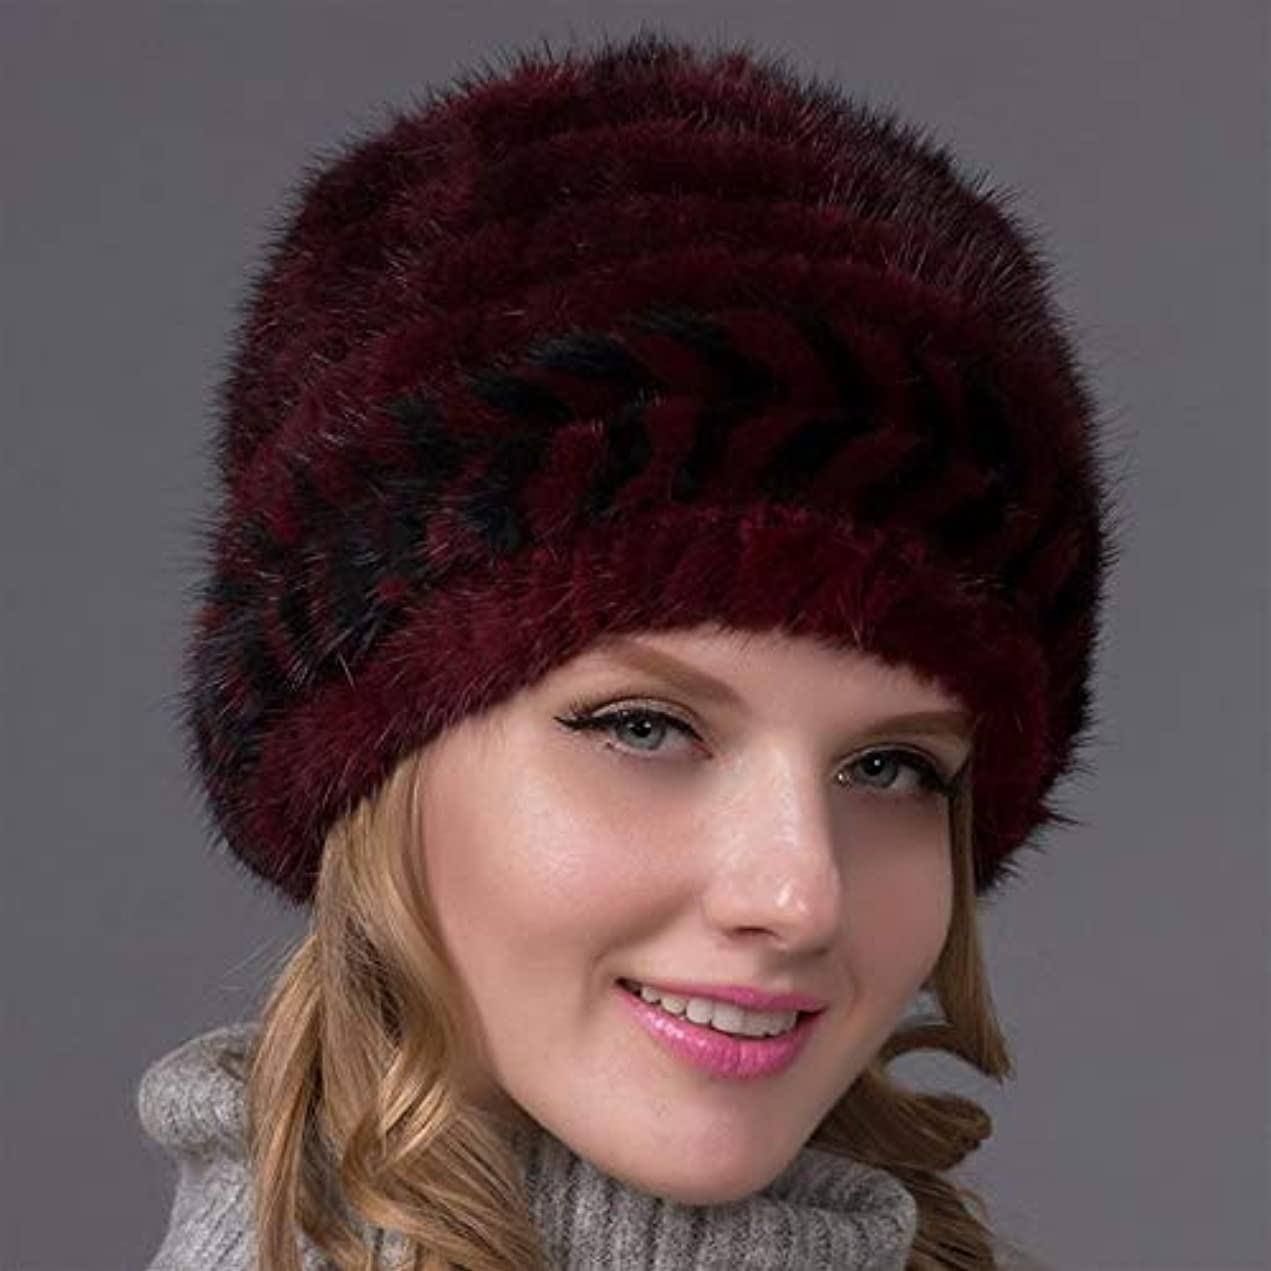 情緒的麻酔薬寝具ACAO 女性の冬のニット帽子ニットミンクの毛皮の帽子の女性のファッションスペルカラー厚く暖かい毛皮の帽子の耳 (色 : Red wine, Size : M)